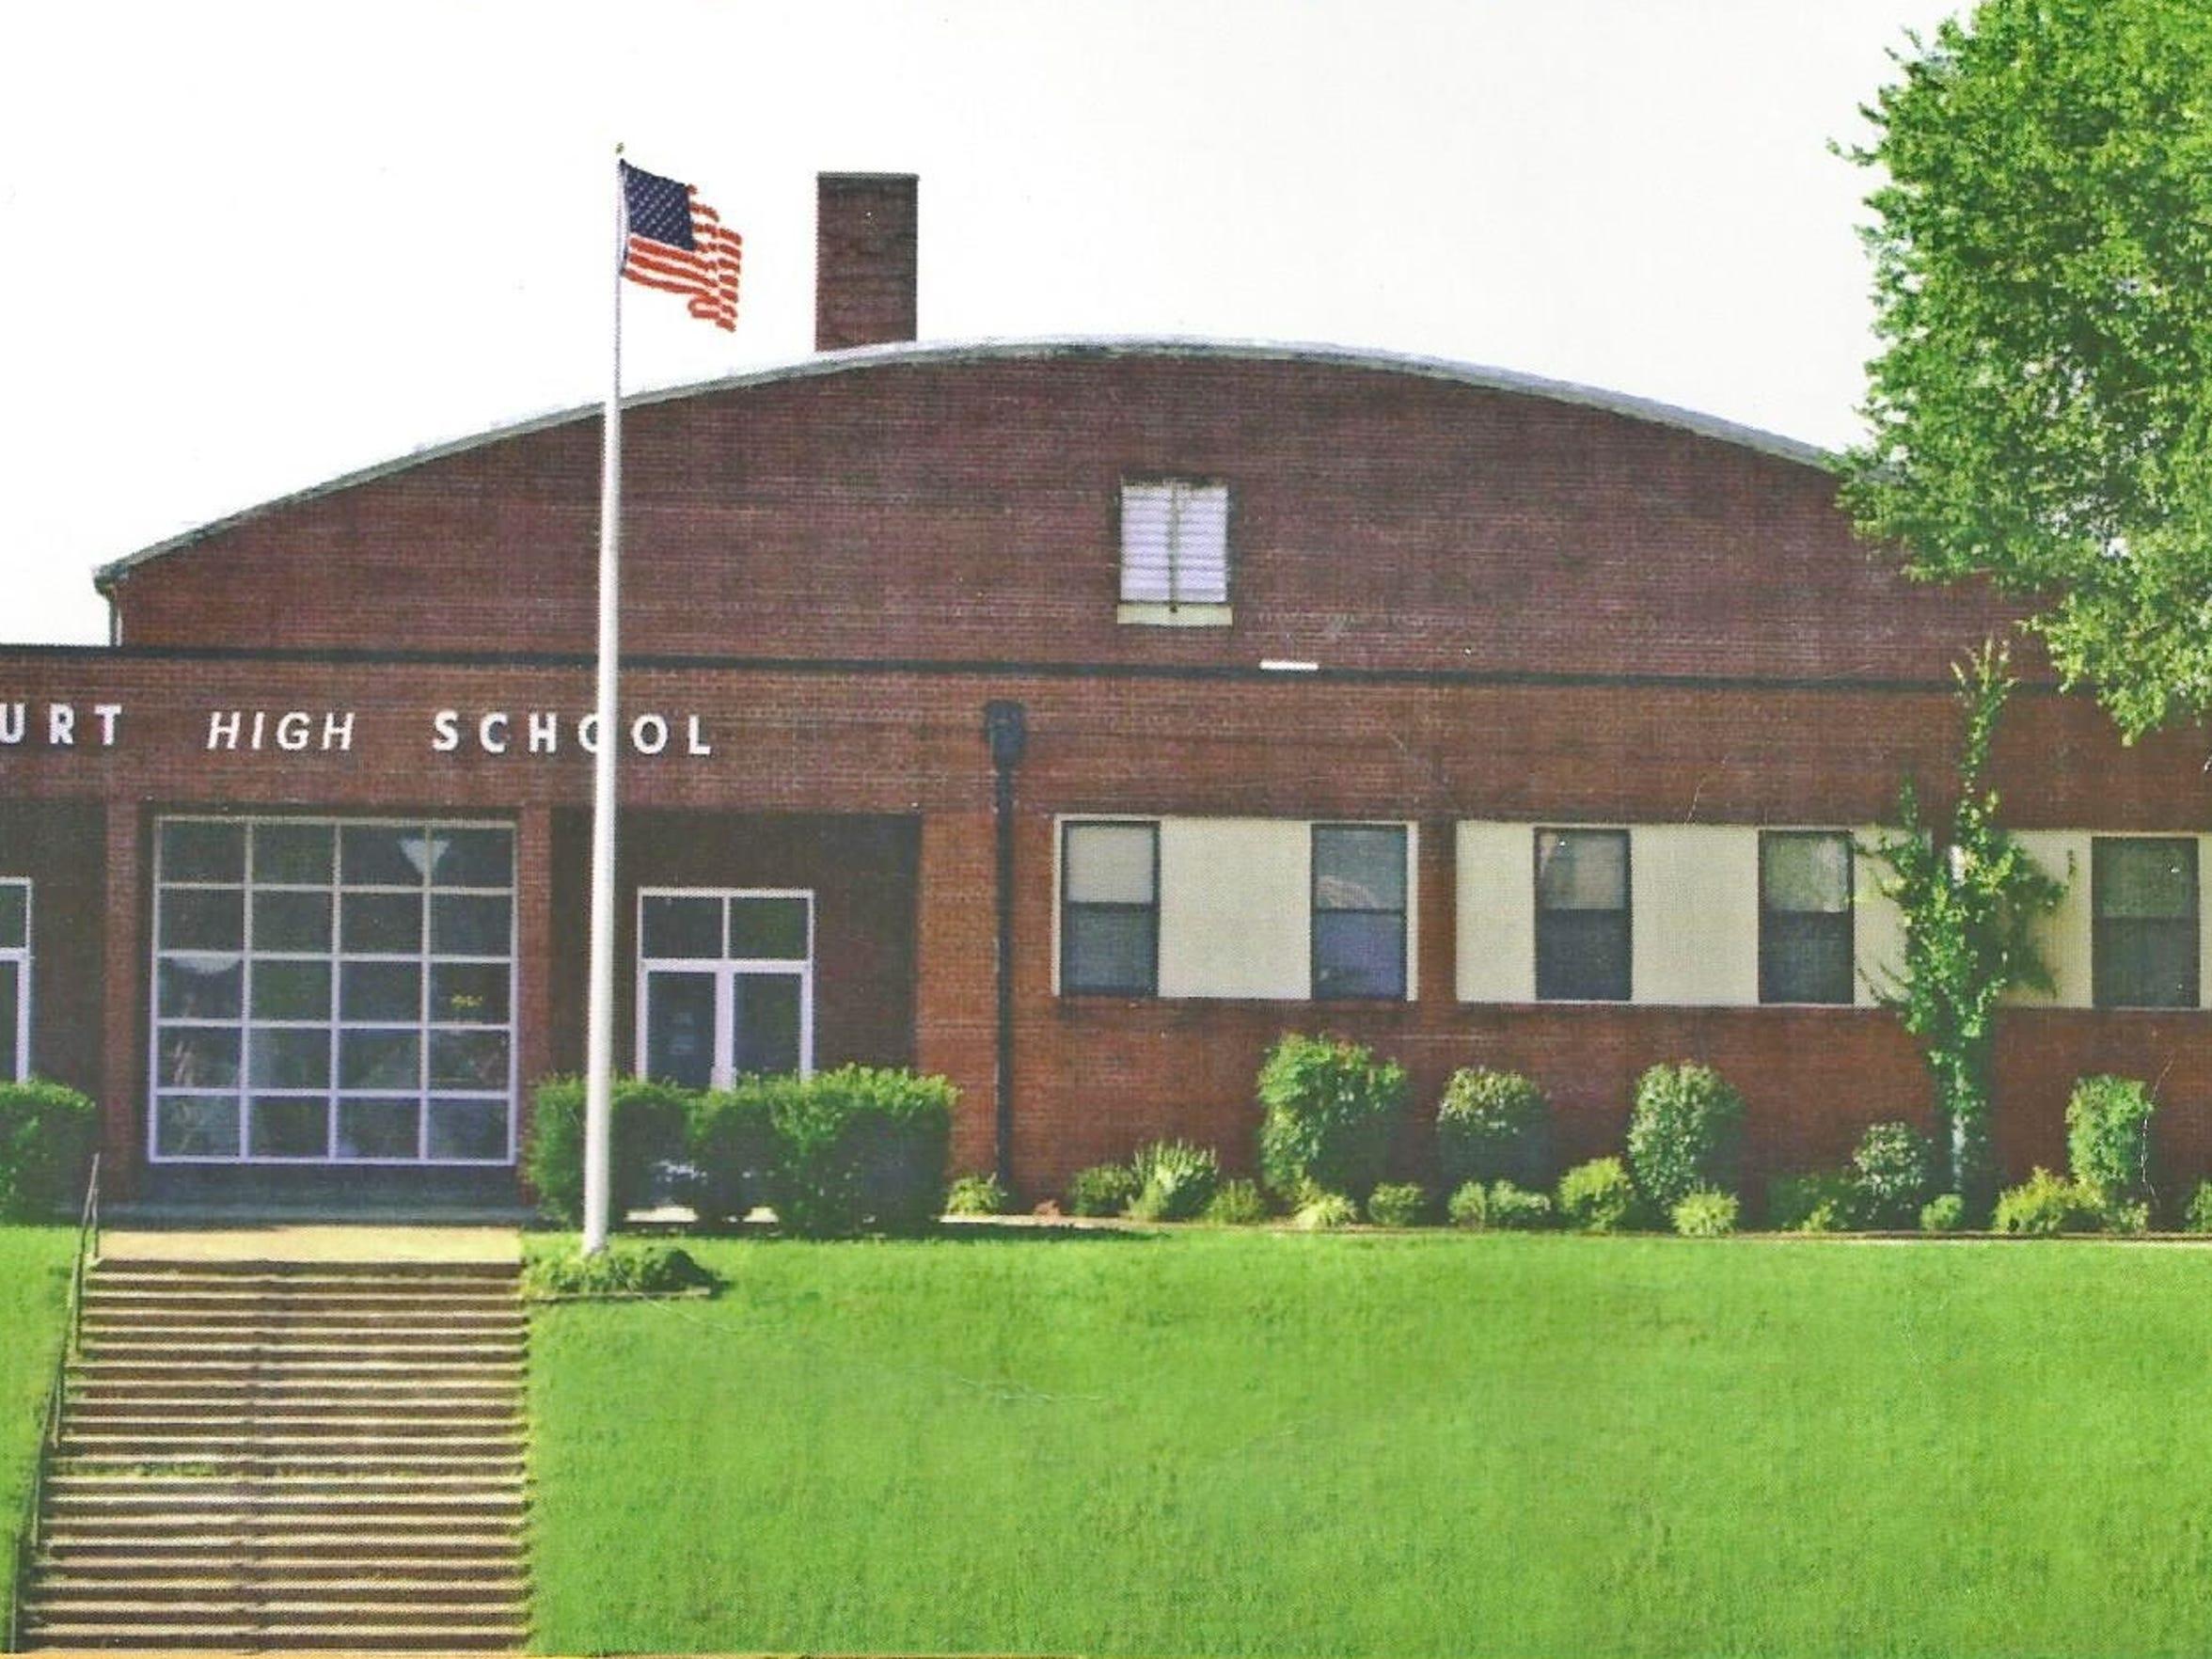 Burt High School in the 1960s.